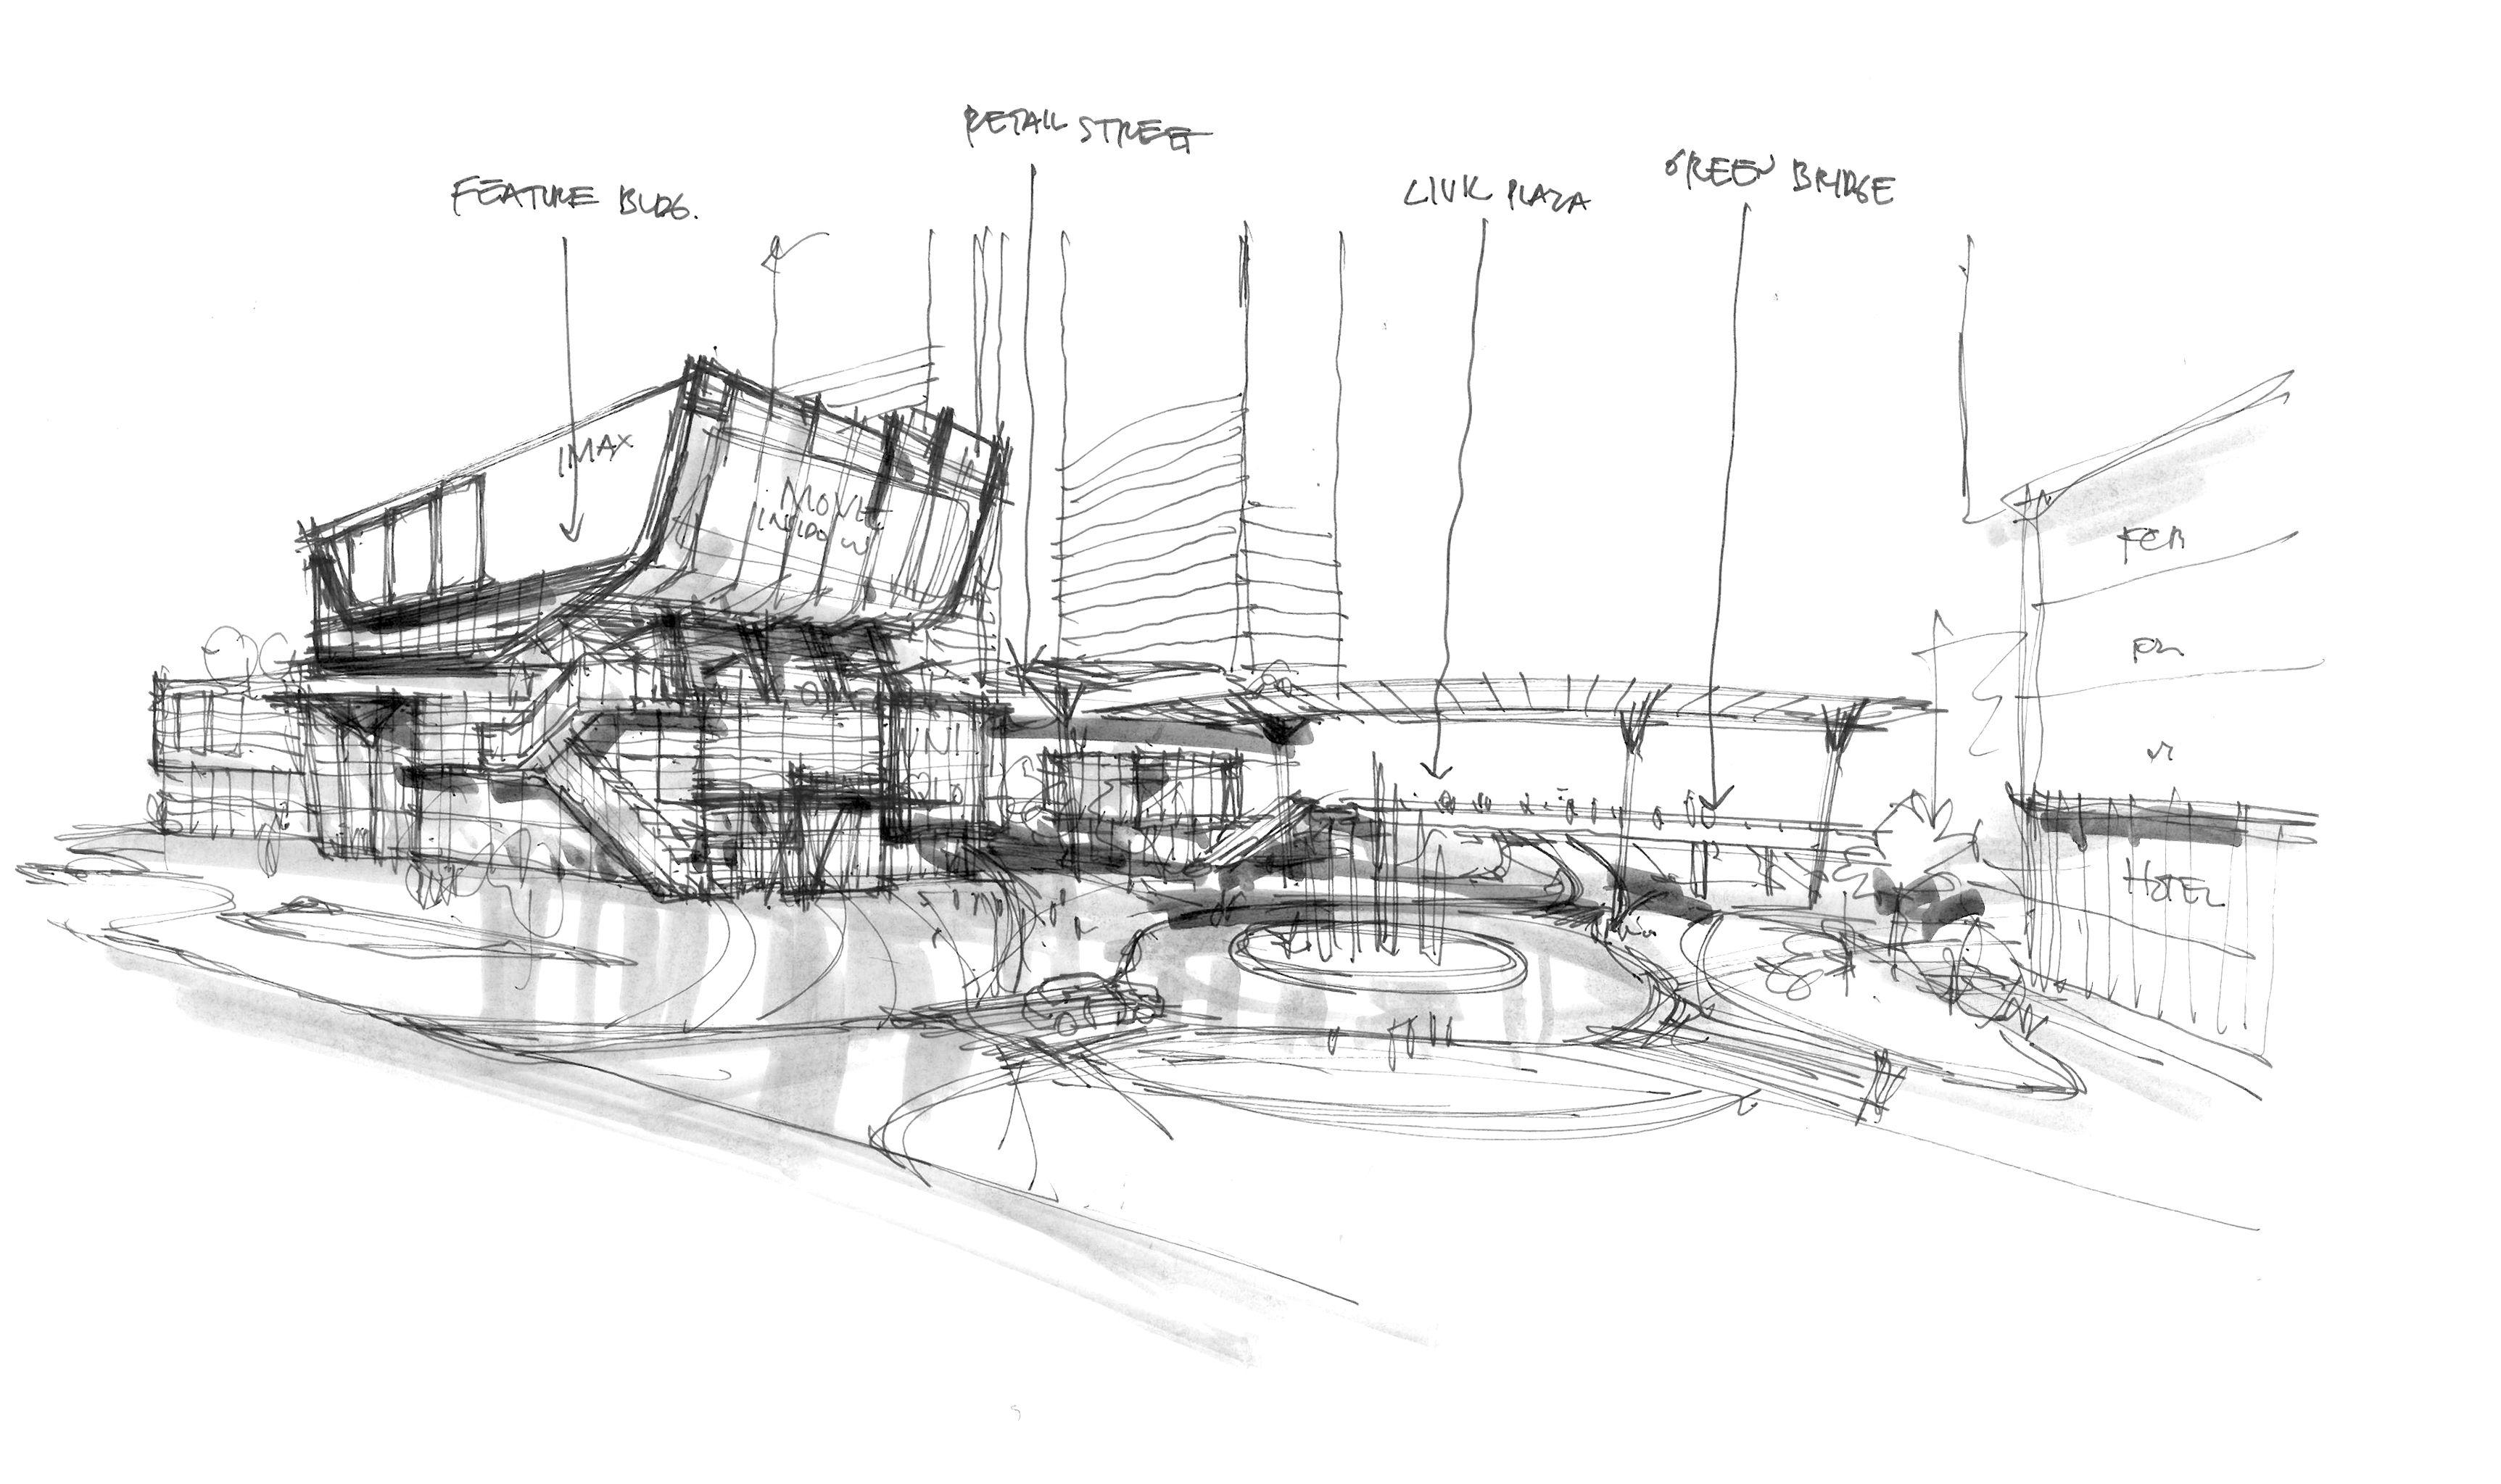 Architecture Retail Plaza Concept I Randy Carizo